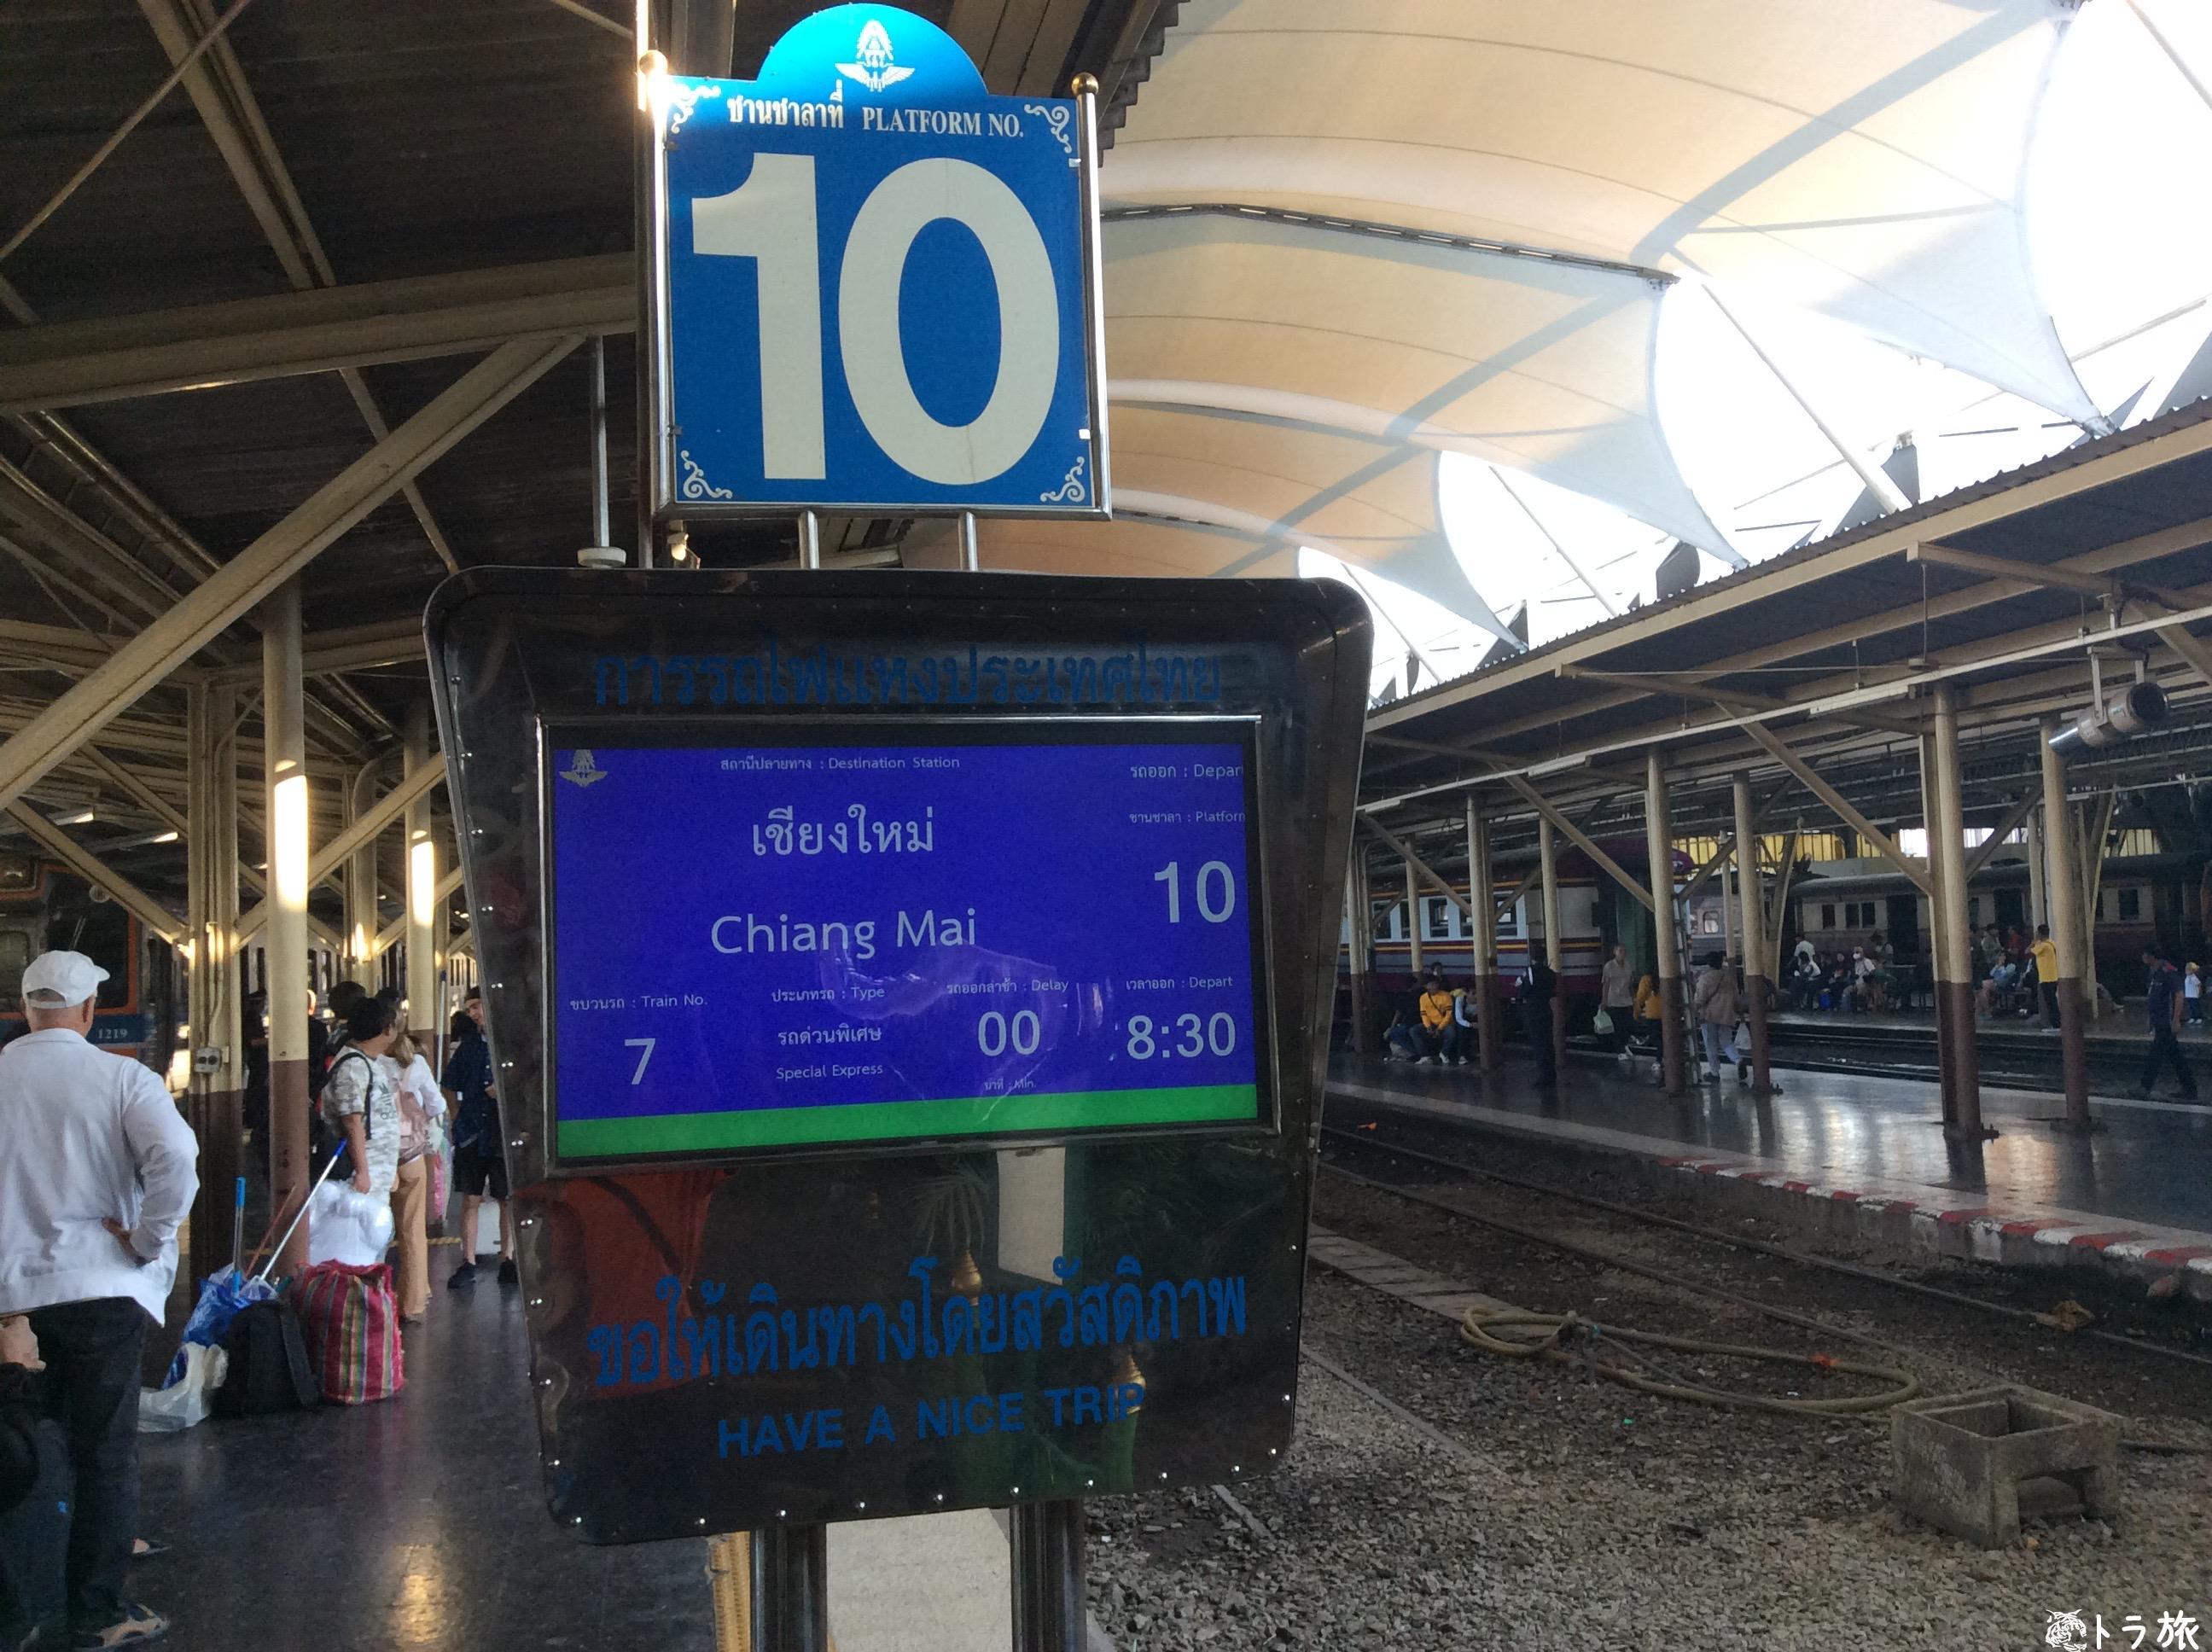 バンコクからチェンマイへ電車で行った話